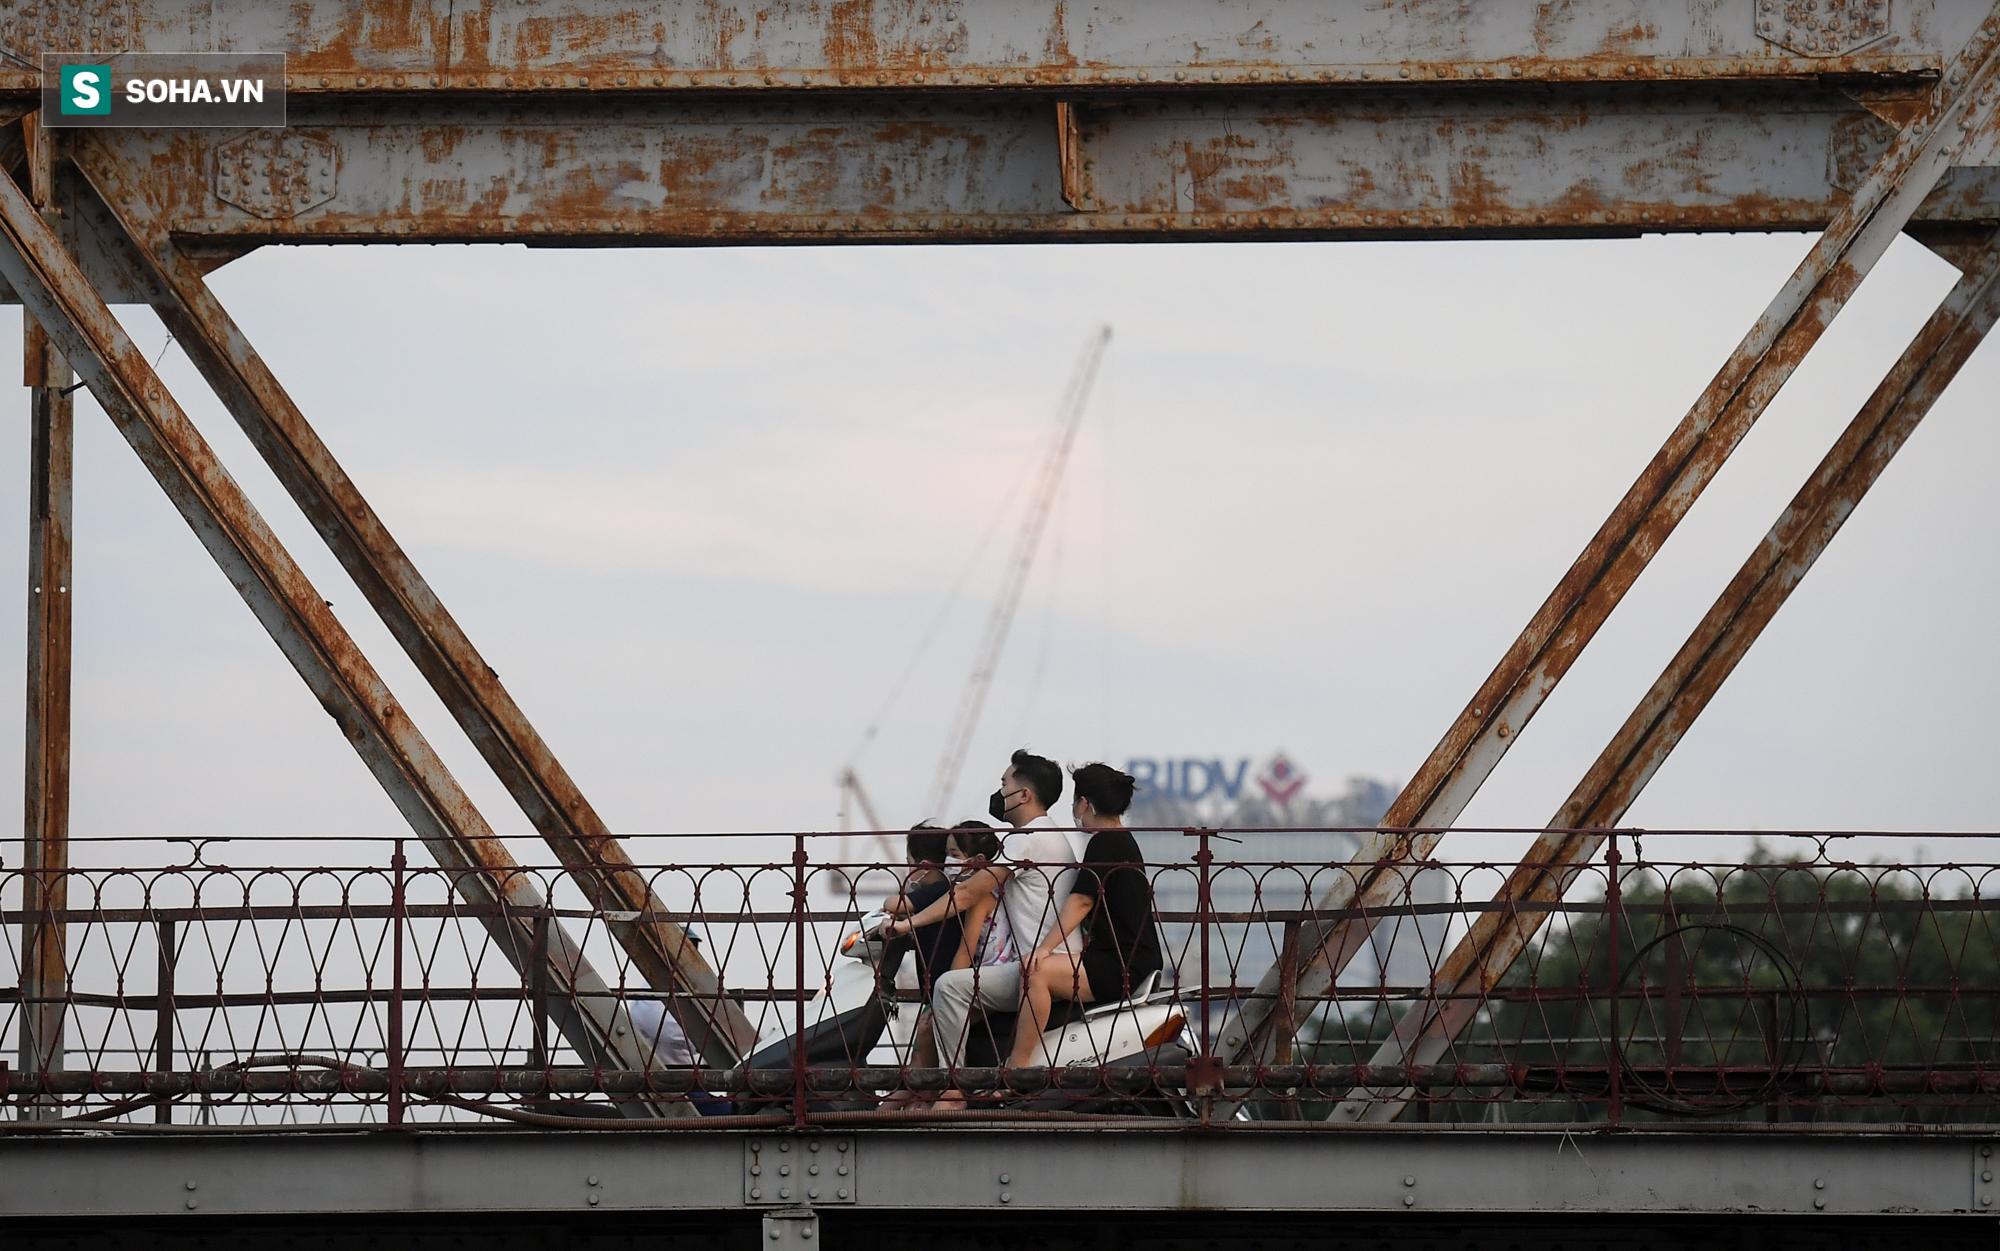 Ra đường mùa dịch: Nhiều người ở Hà Nội nhớ khẩu trang nhưng quên luật giao thông - Ảnh 9.